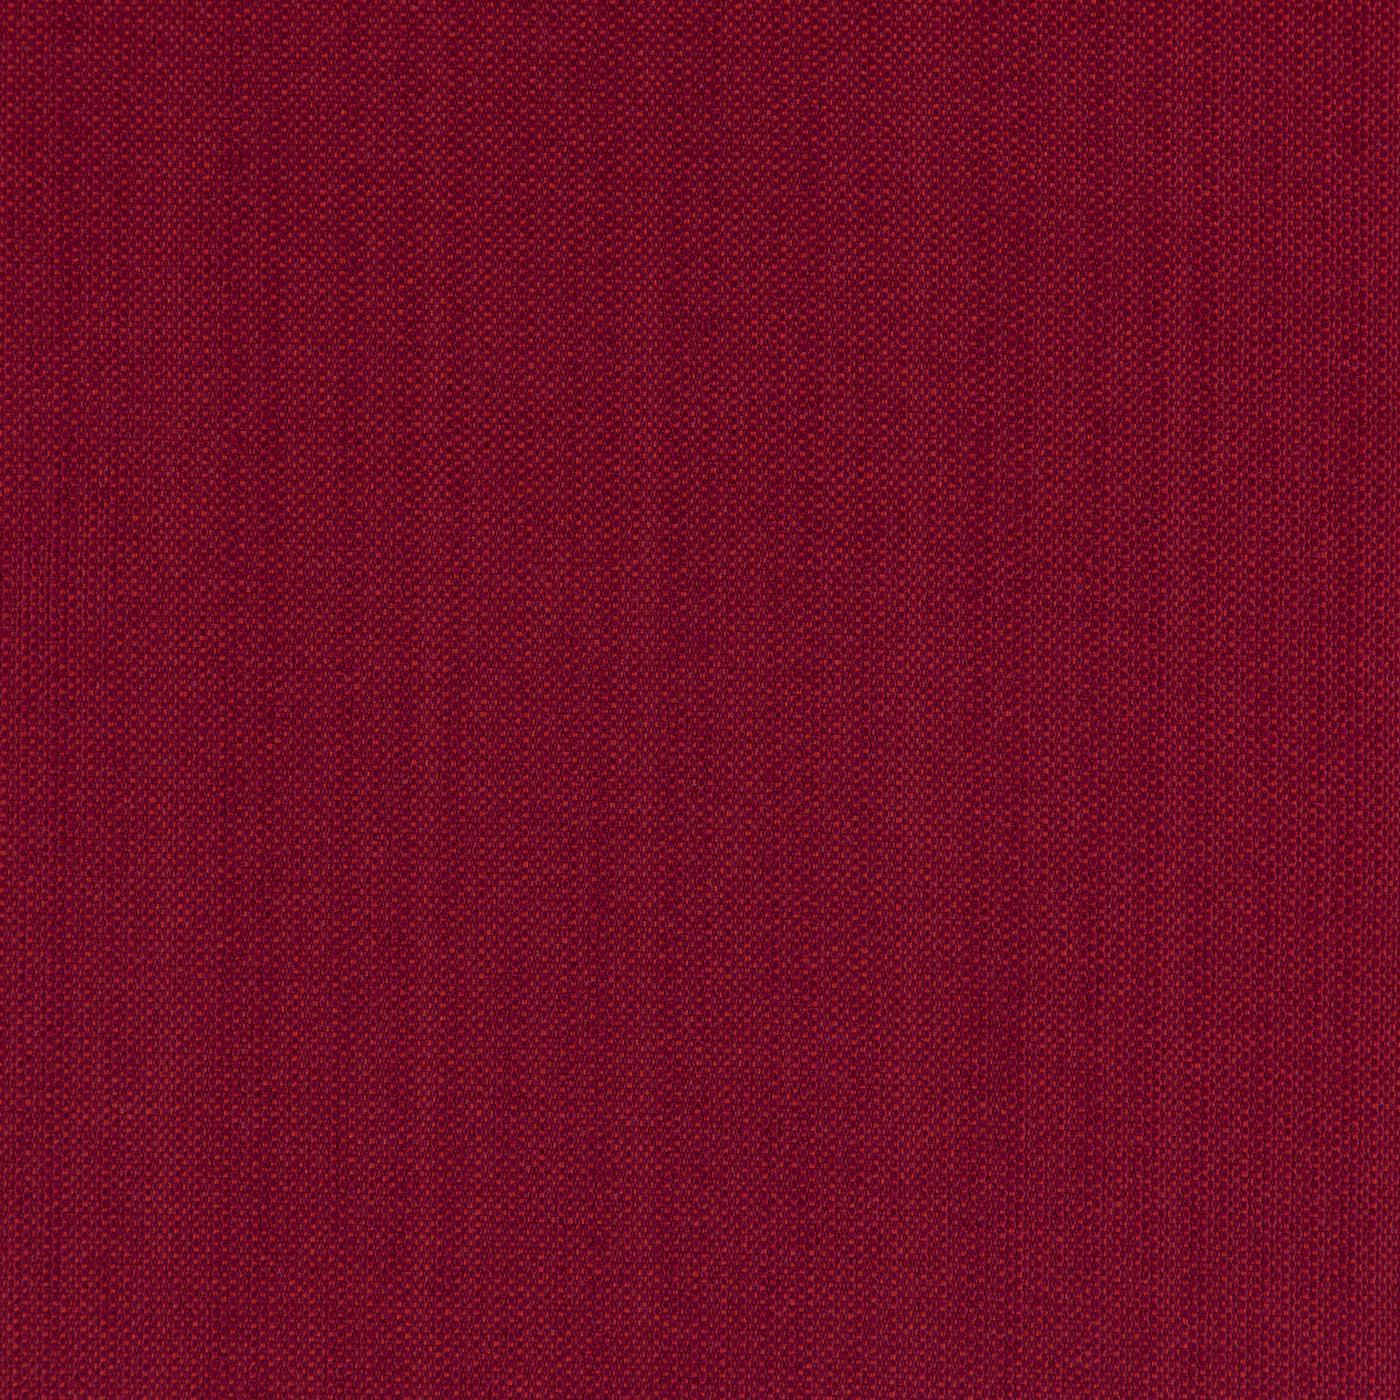 Helston Bordeaux Fabric Helston Prestigious Textiles